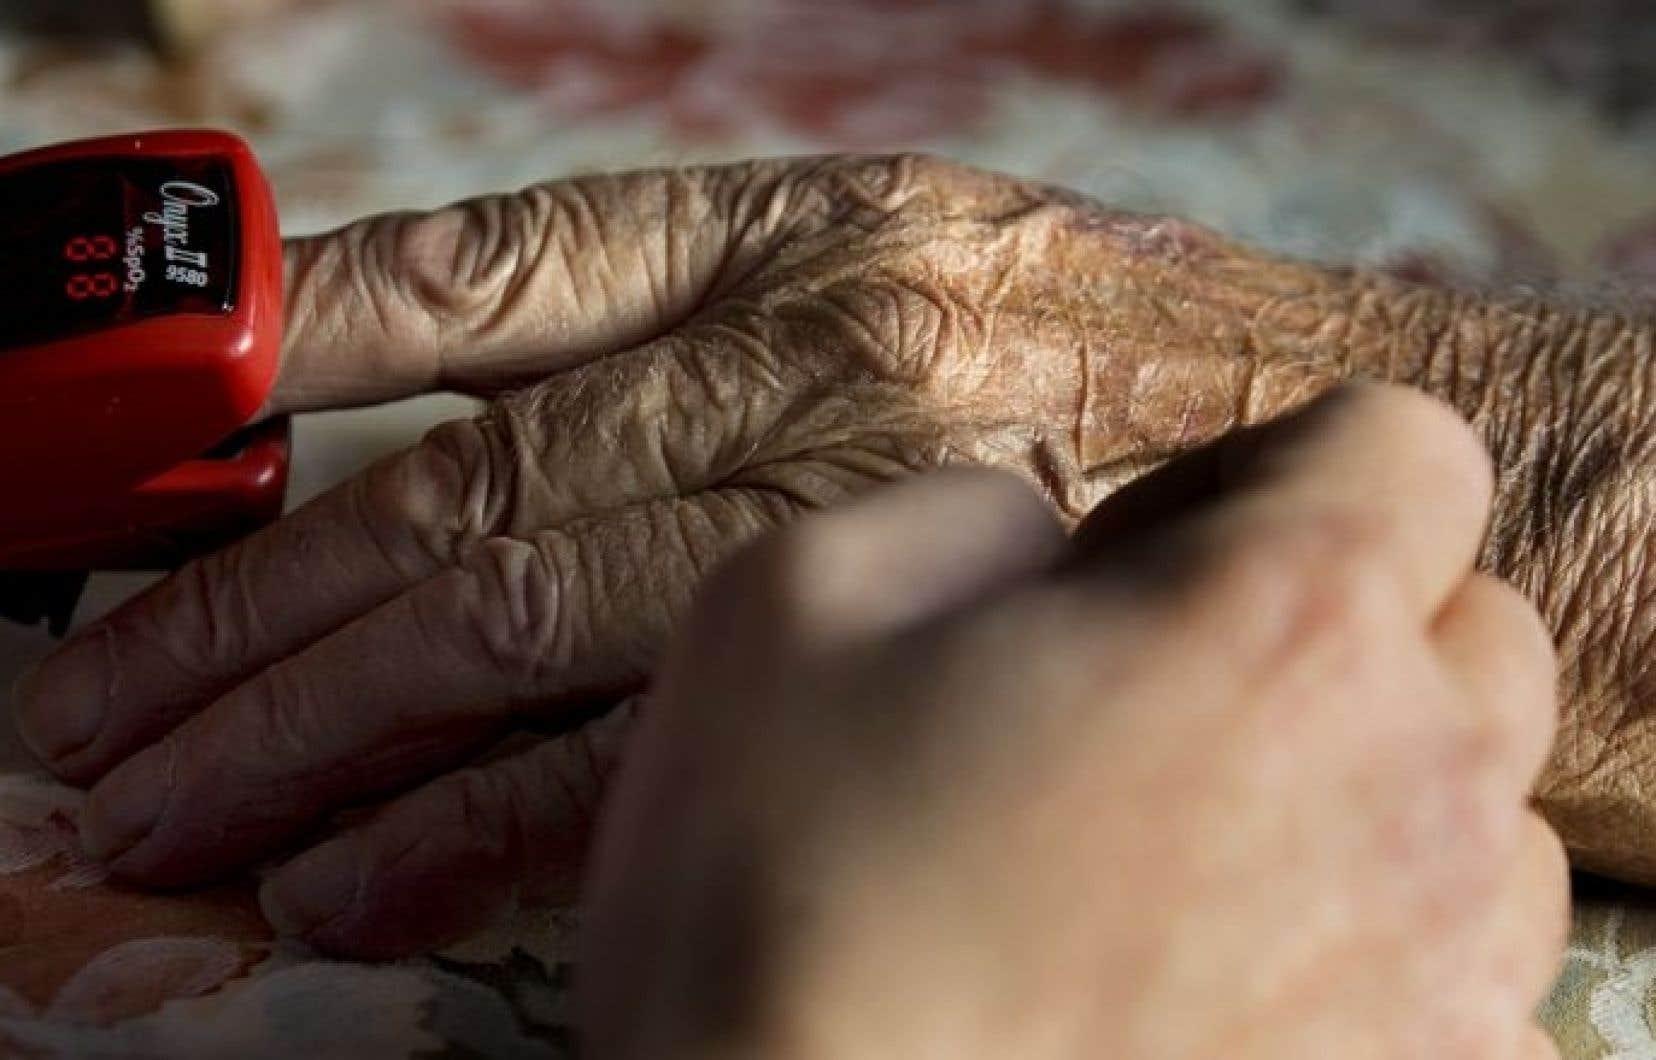 Le projet de loi 52, piloté par la ministre déléguée aux Services sociaux, Véronique Hivon, propose d'encadrer de façon stricte les cas de malades incurables qui demandent aux médecins qu'on les aide à abréger leurs souffrances.